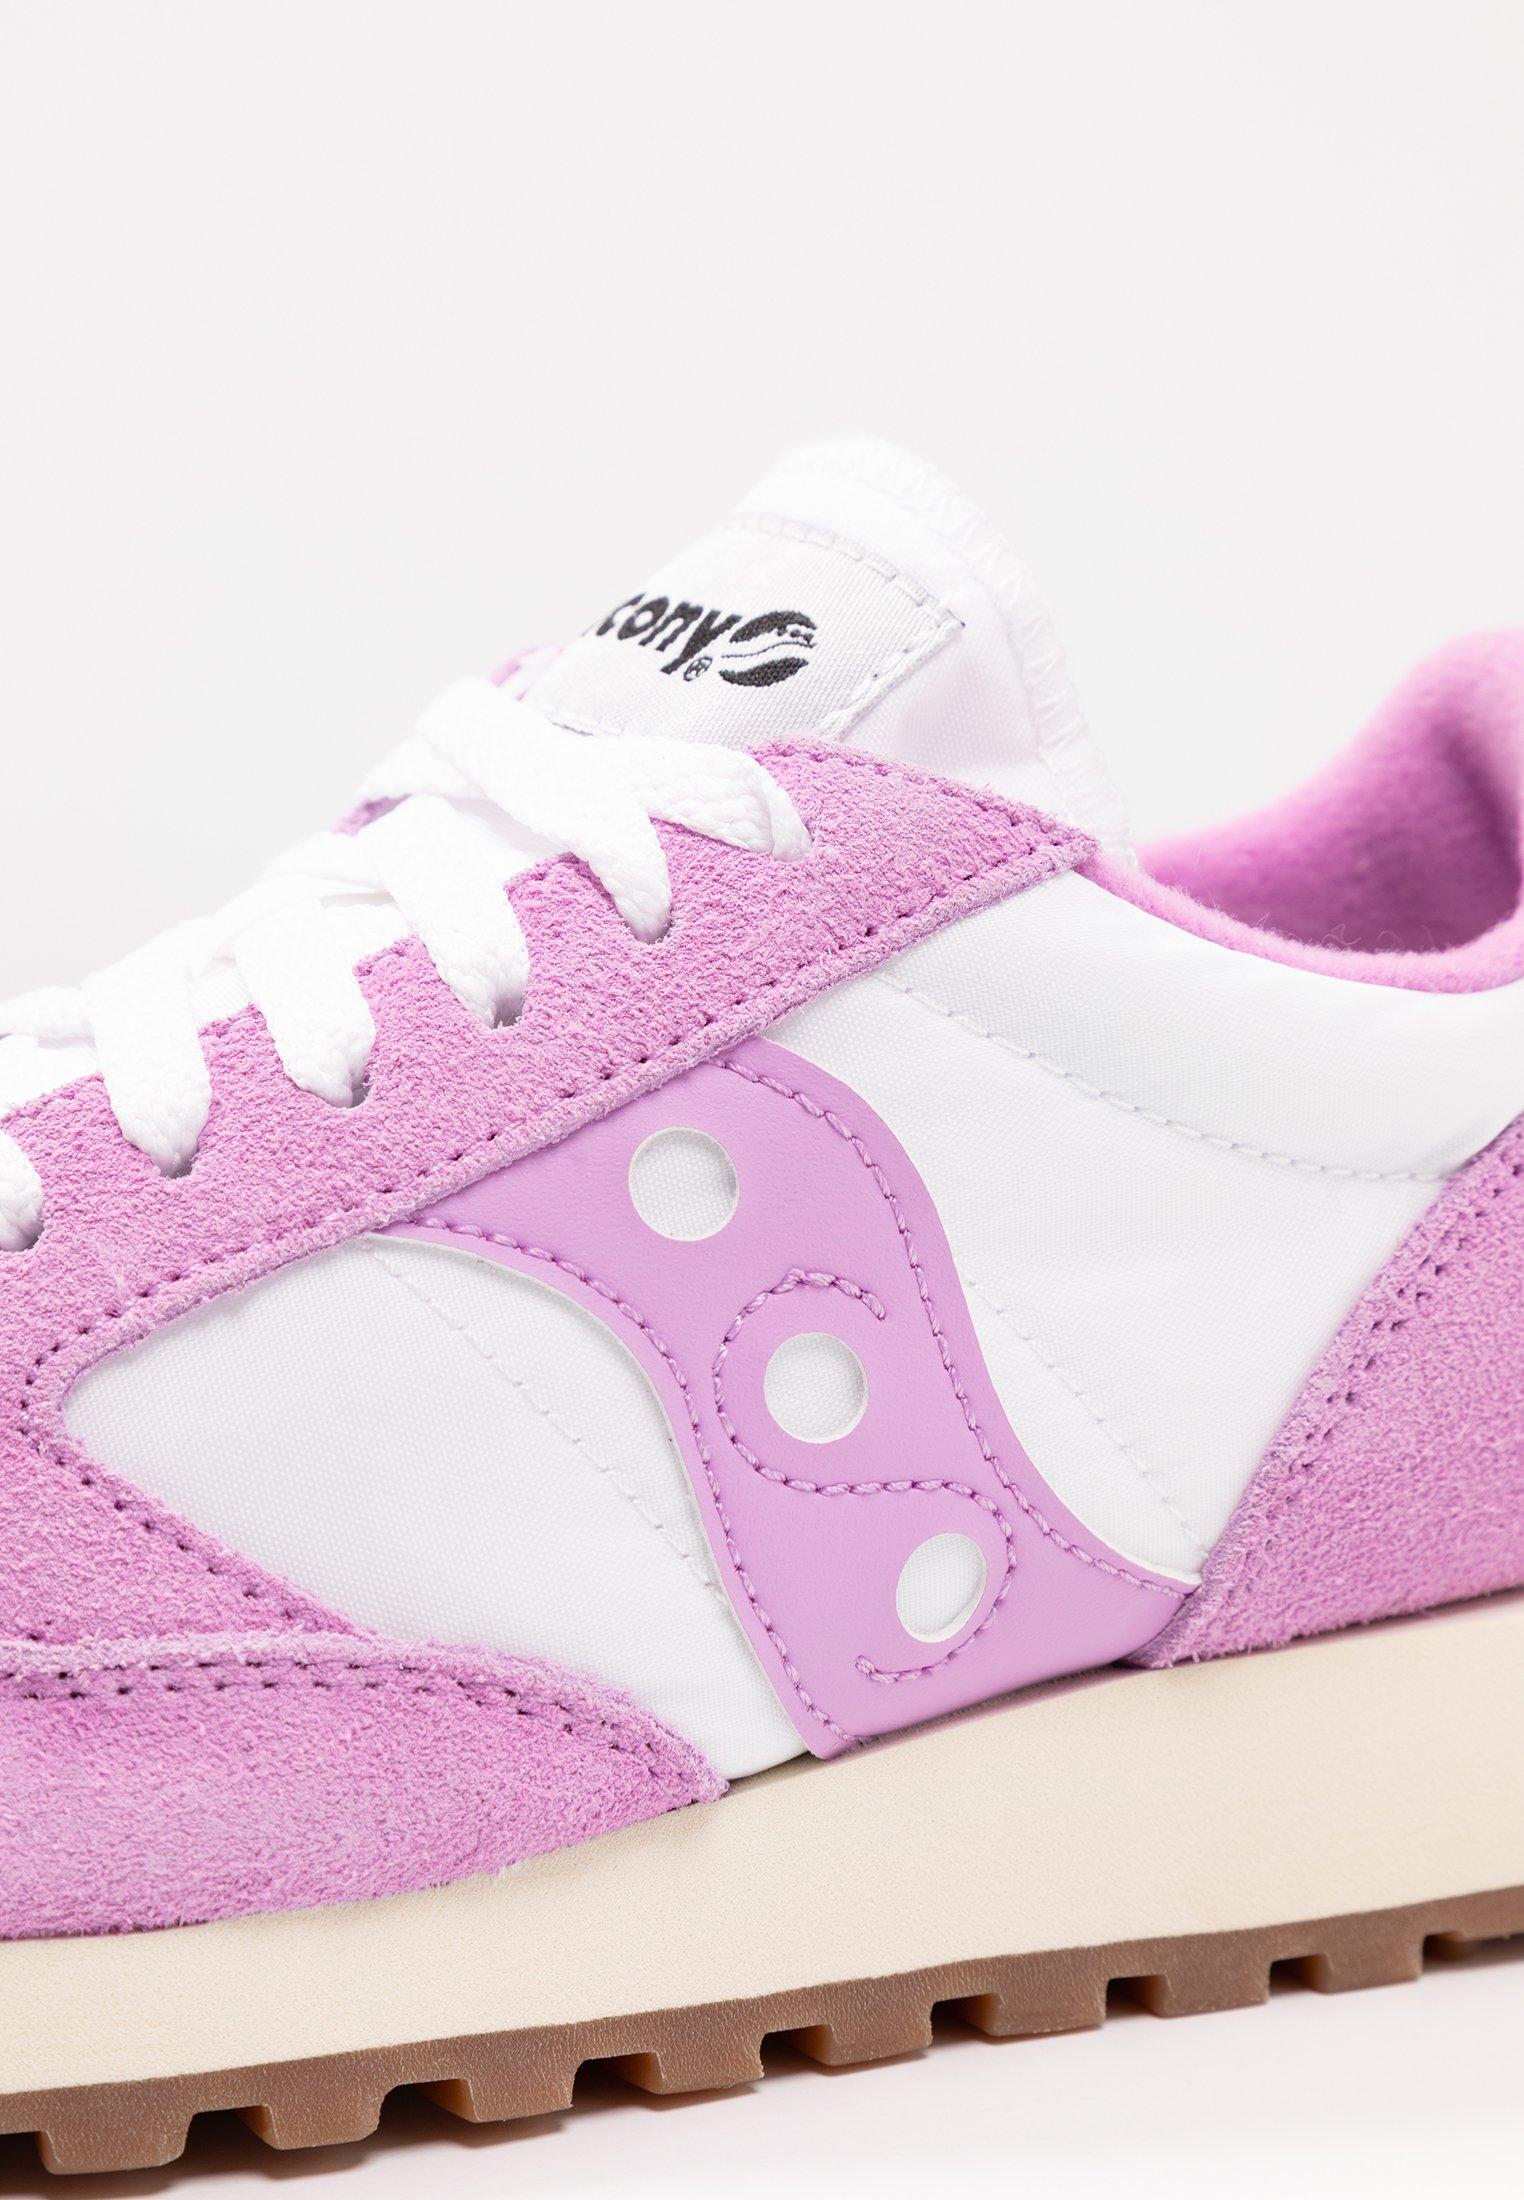 JAZZ VINTAGE Sneakers purplewhite